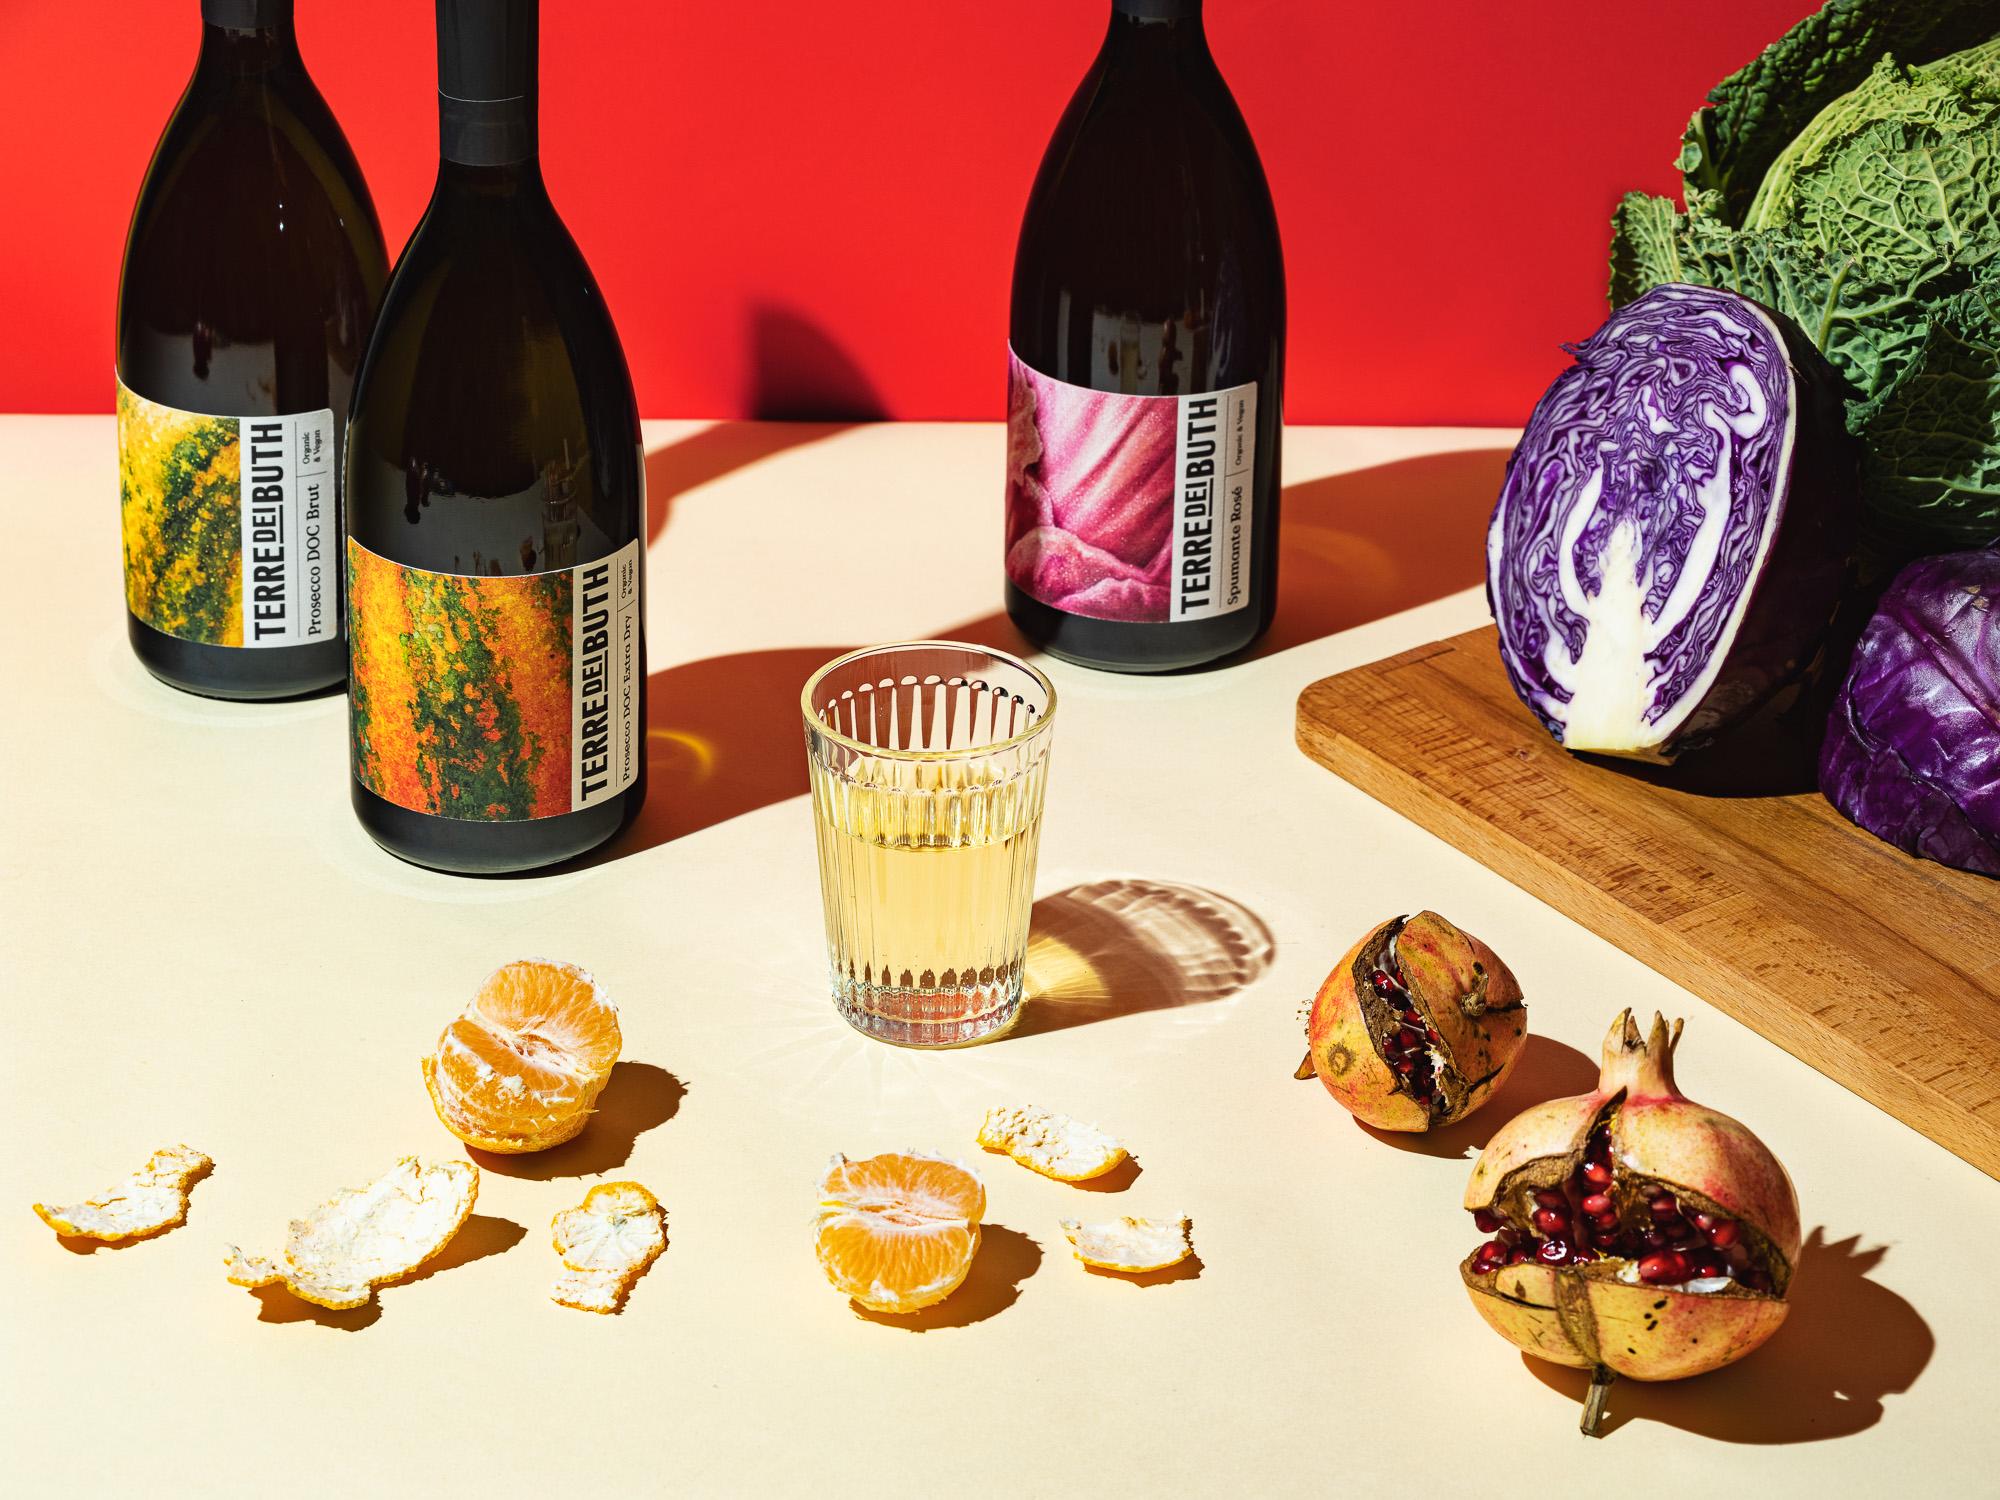 Terre dei Buth Wine Range Label Design by Gummy Industries